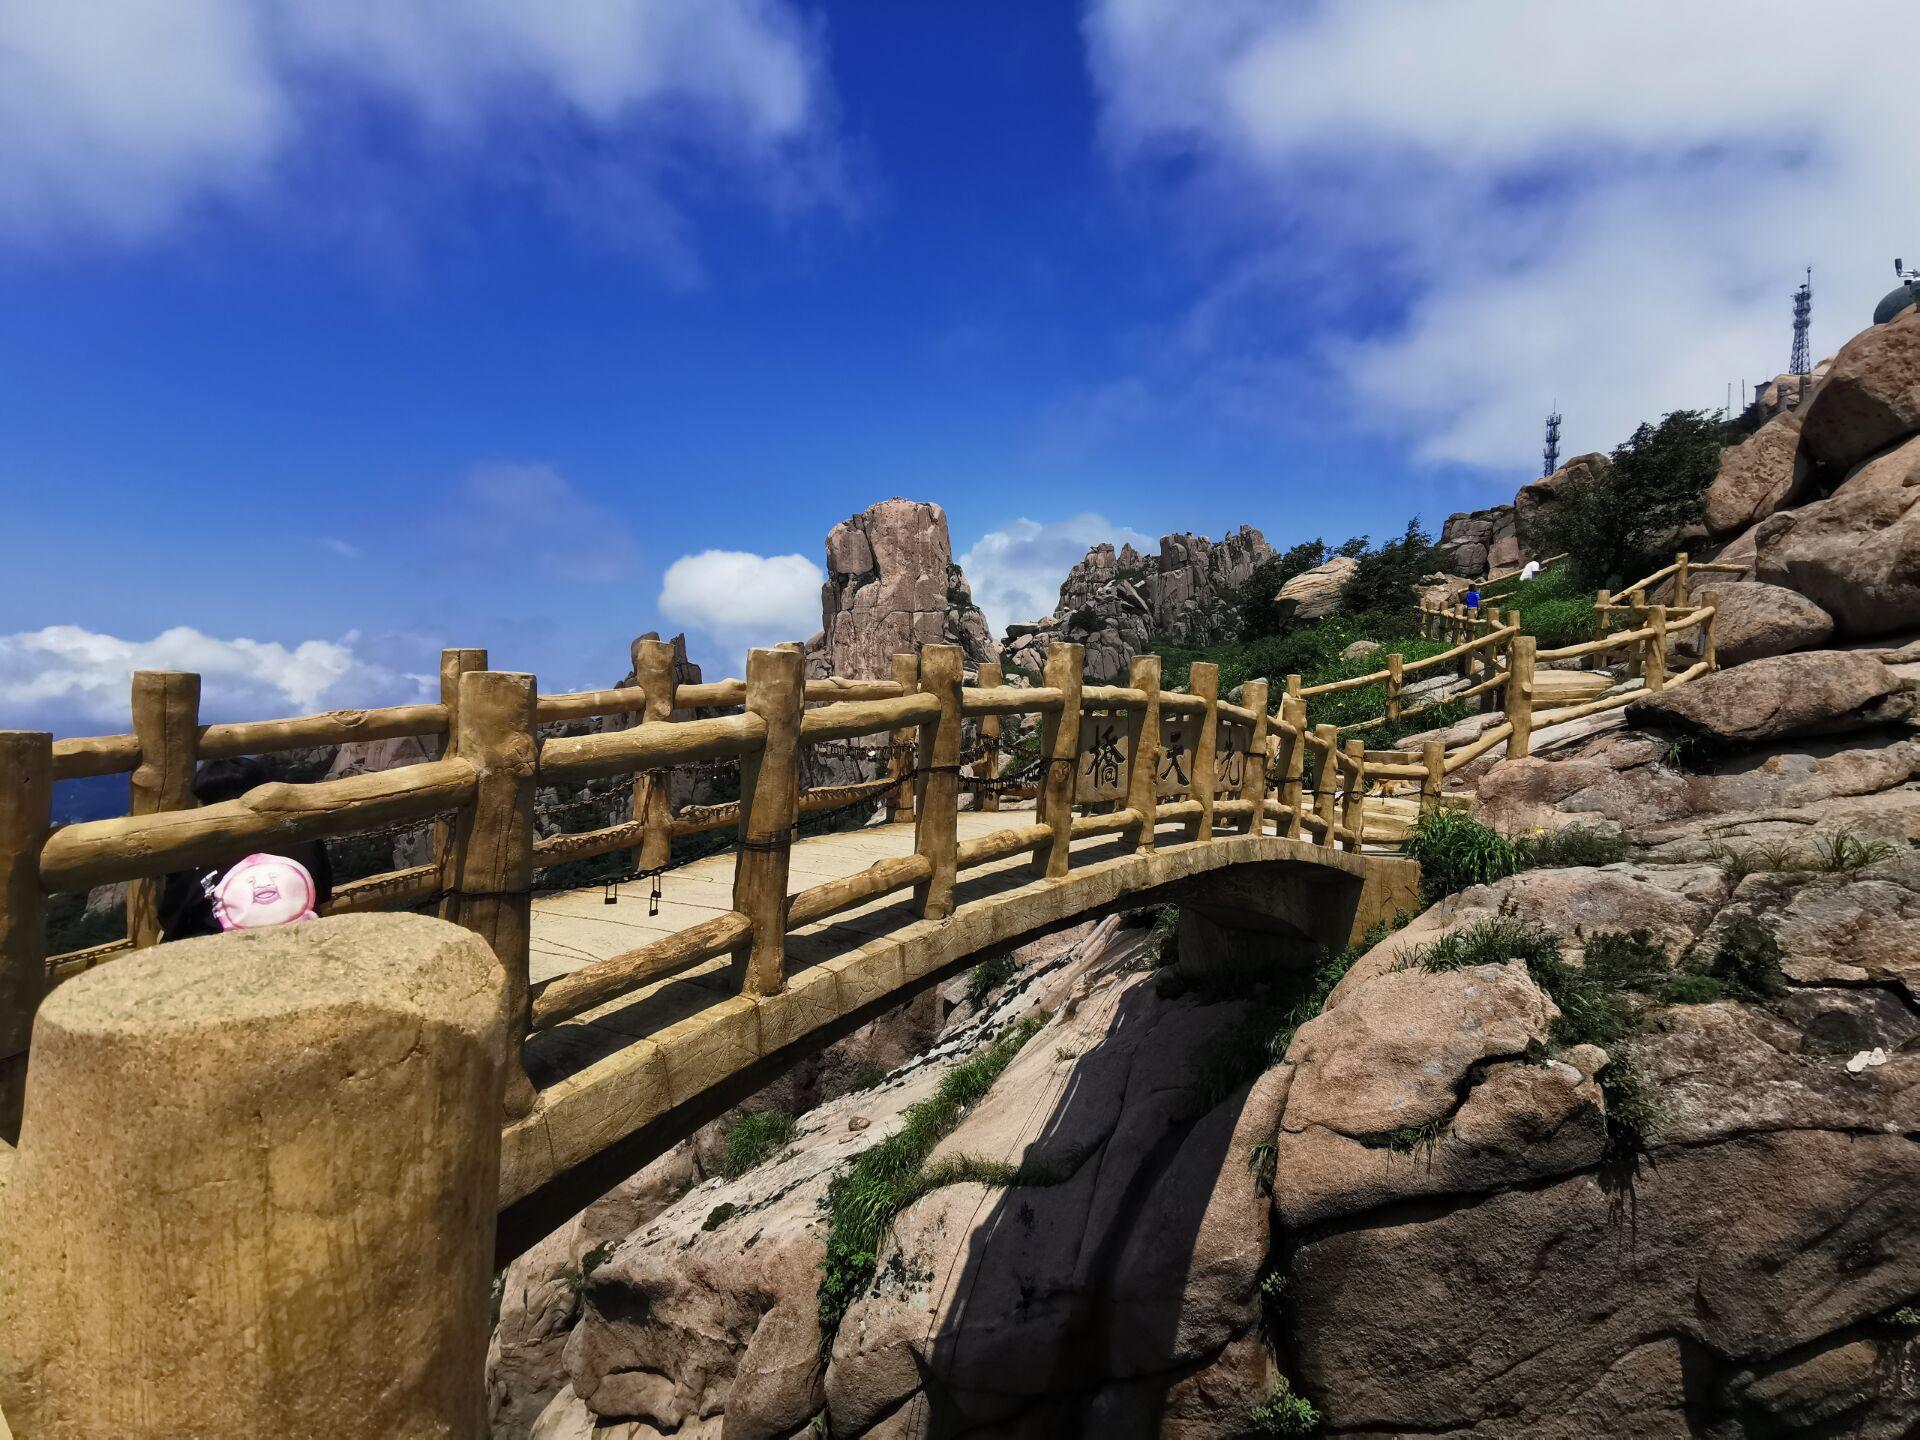 青岛崂山先天桥和摘星亭06.jpg